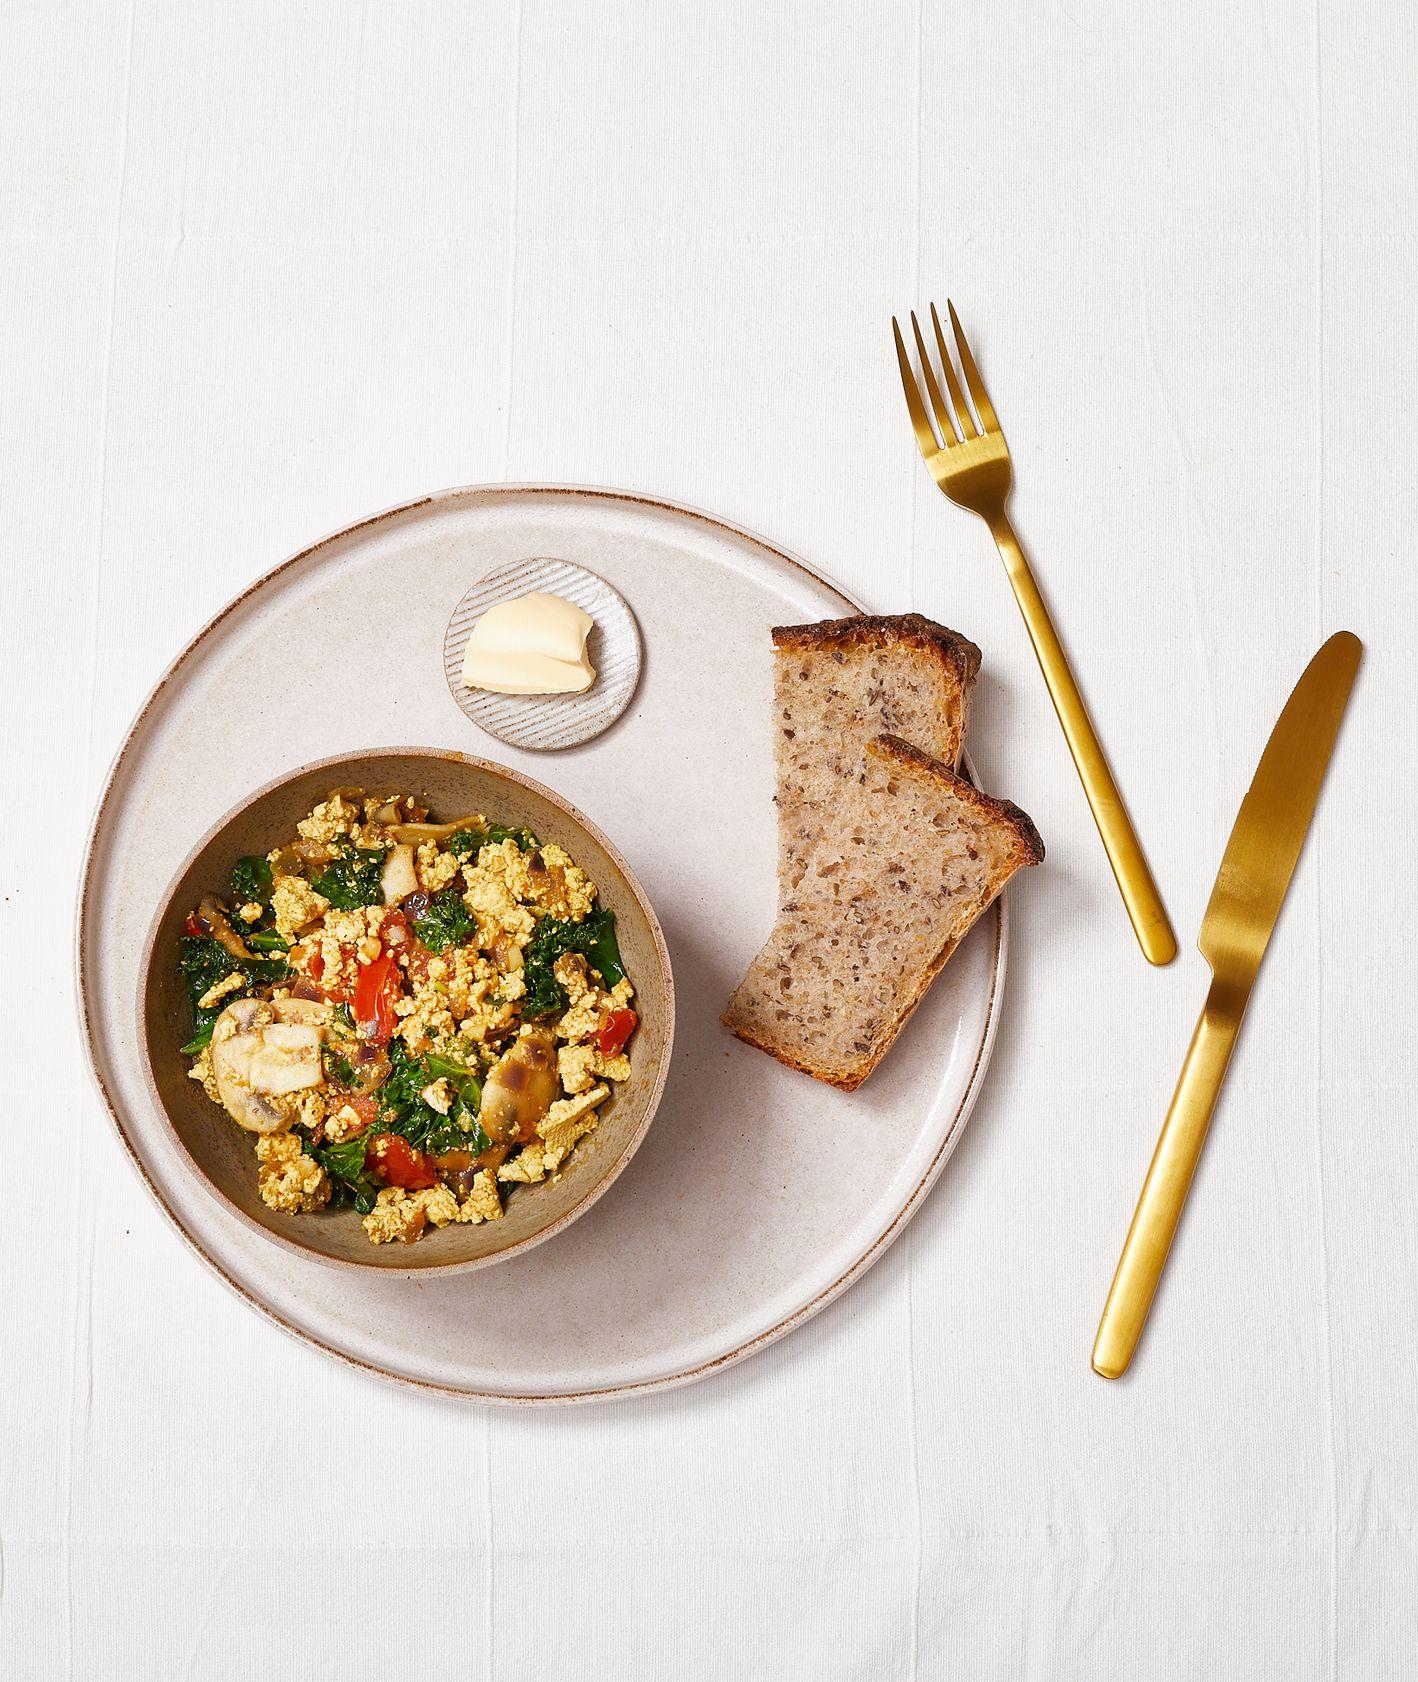 Jak zrobić wegańskie śniadanie. Przepis na tofucznicę z jarmurzem (fot. Maciek Niemojewski)